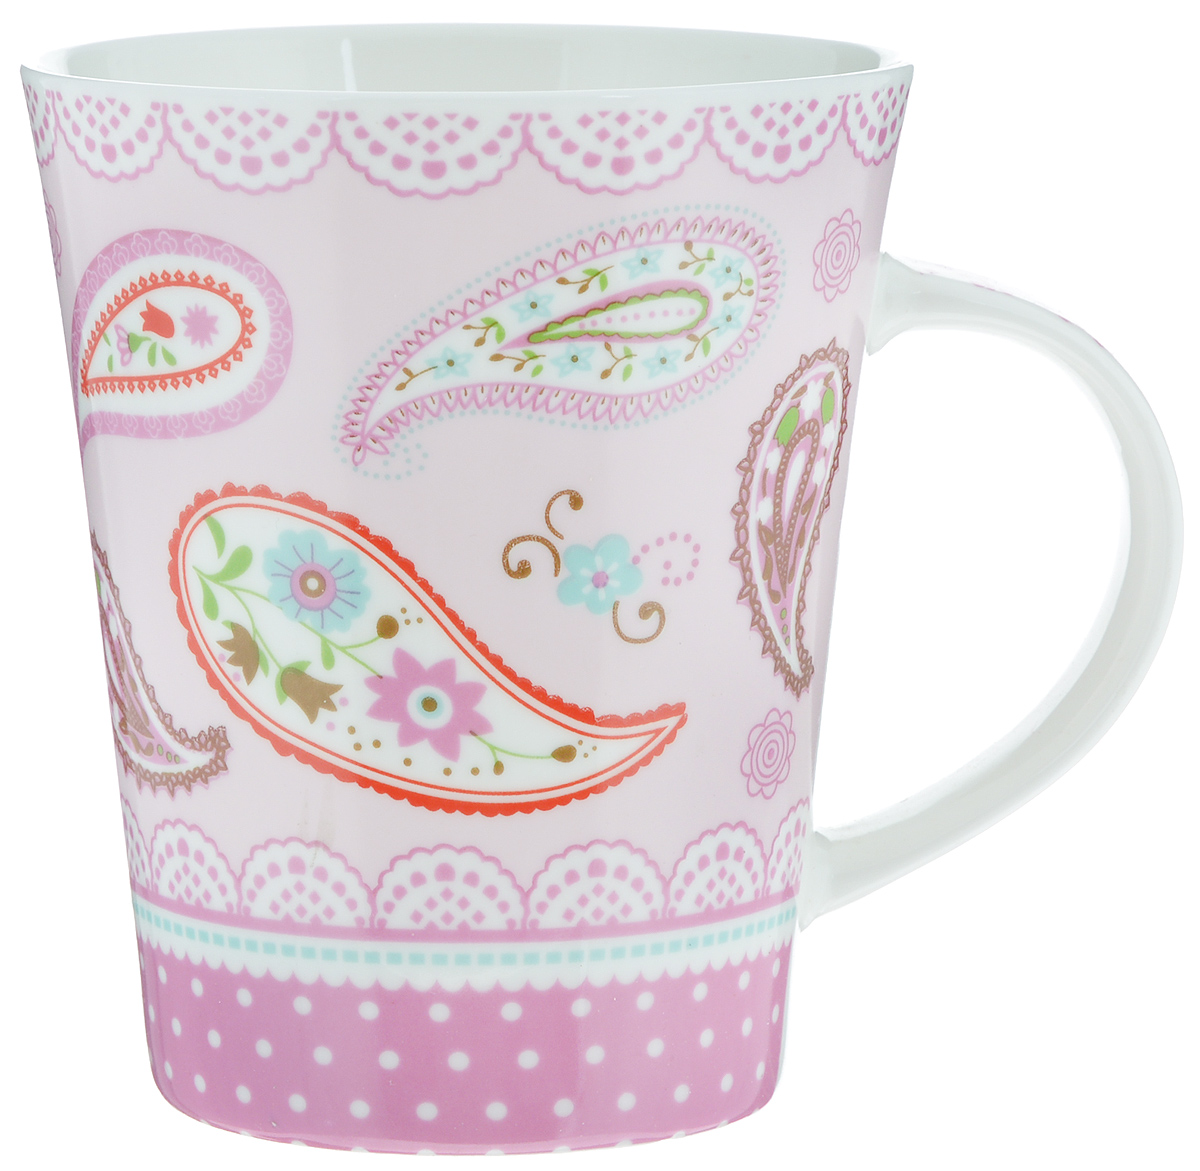 Кружка Loraine, цвет: светло-розовый, красный, зеленый, 400 мл. 22116115610Кружка Loraine изготовлена из высококачественного фарфора. Изделие оформлено ярким рисунком. Благодаря своим термостатическим свойствам, изделие отлично сохраняет температуру содержимого - морозной зимой кружка будет согревать вас горячим чаем, а знойным летом, напротив, радовать прохладными напитками. Такой аксессуар создаст атмосферу тепла и уюта, настроит на позитивный лад и подарит хорошее настроение с самого утра. Это оригинальное изделие идеально подойдет в подарок близкому человеку. Диаметр (по верхнему краю): 9 см.Высота кружки: 11 см. Объем: 400 мл.